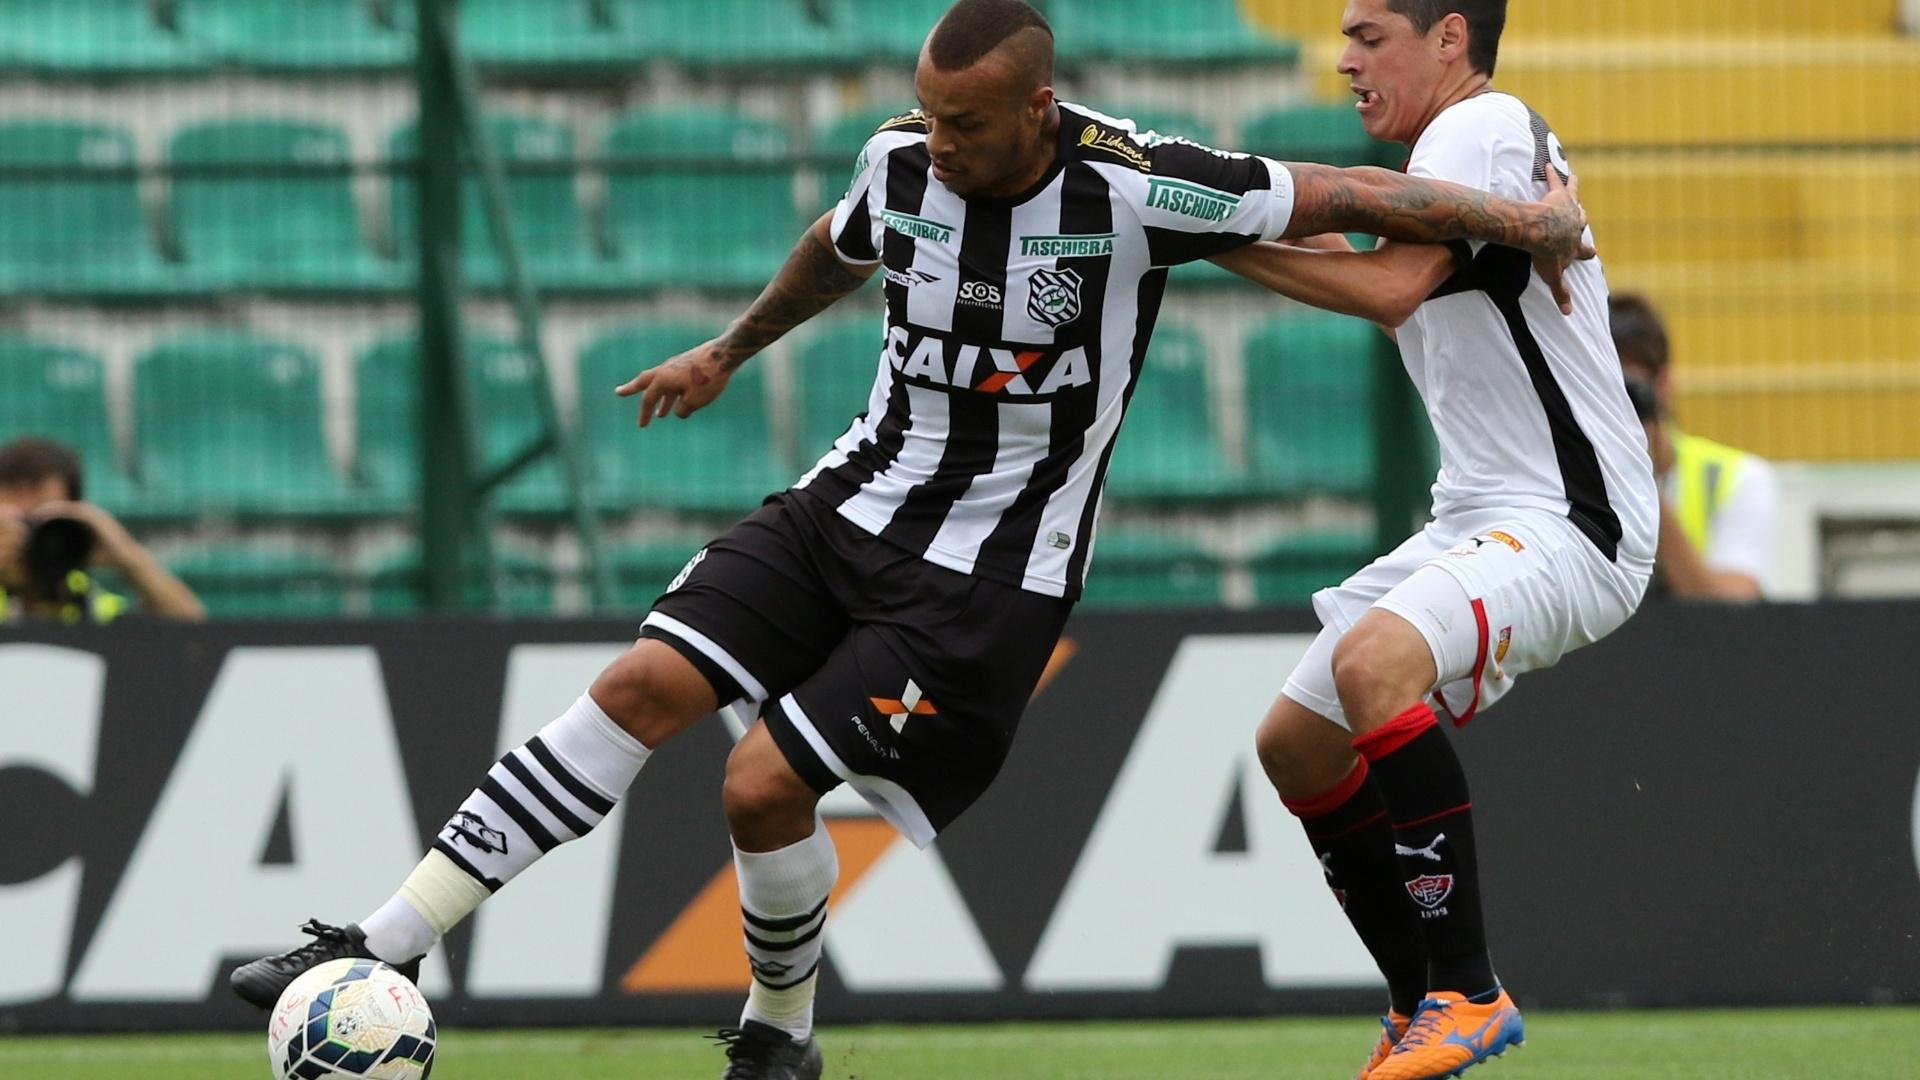 França protege bola para o Figueirense contra marcação do Vitória